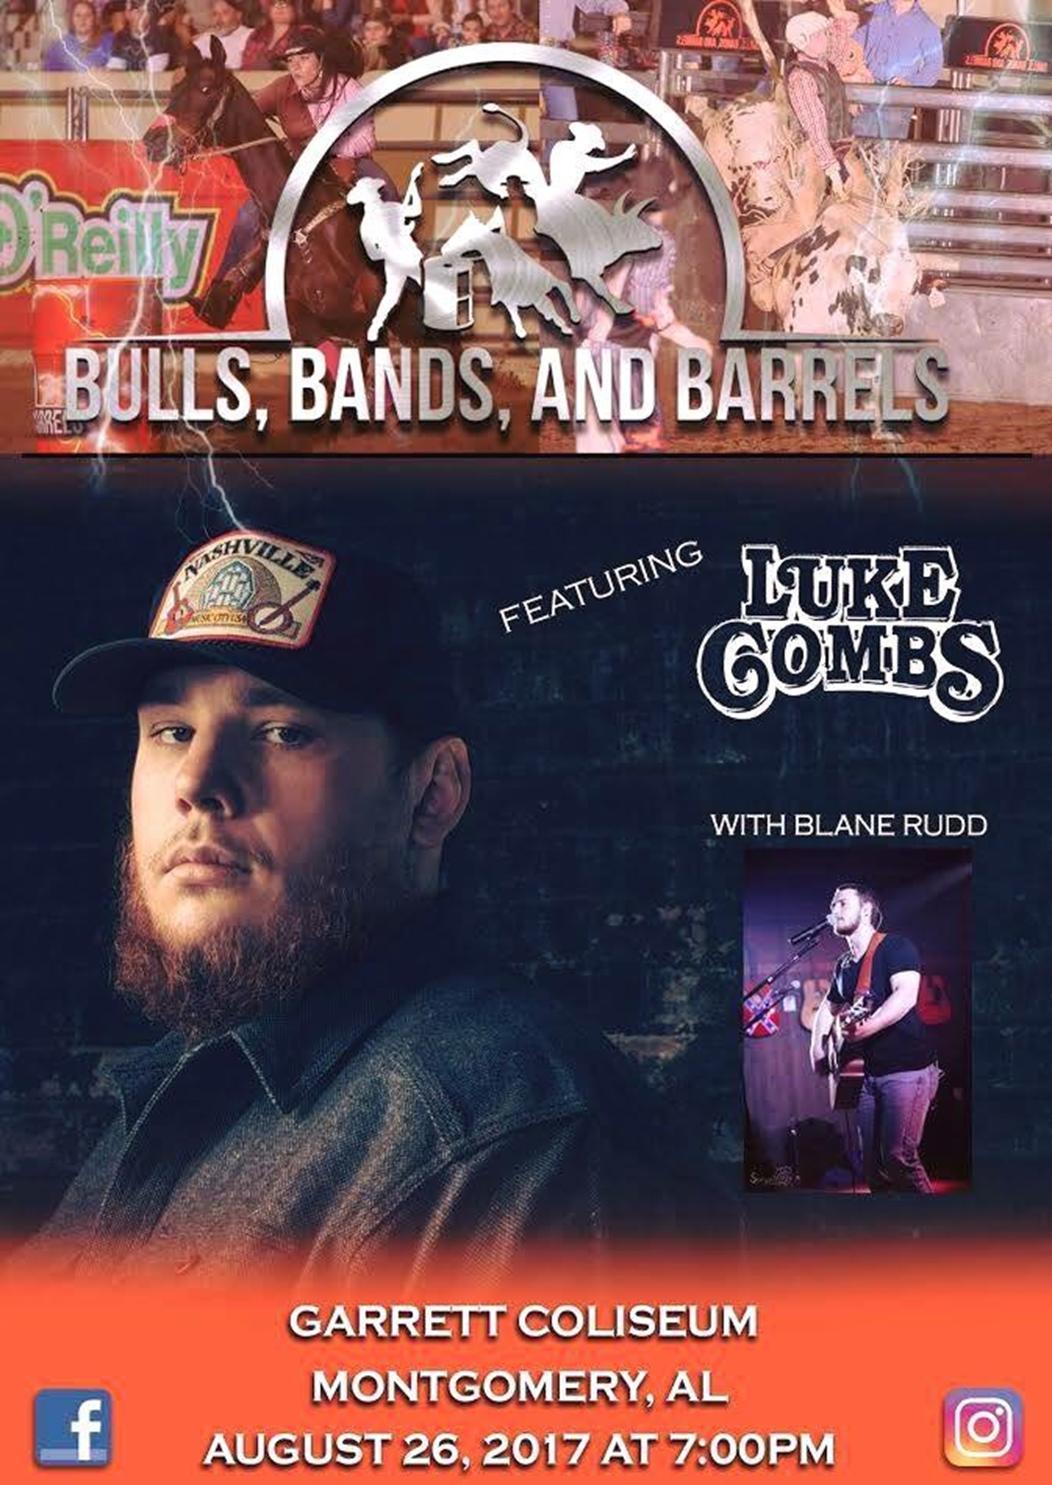 Bulls, Bands, and Barrels